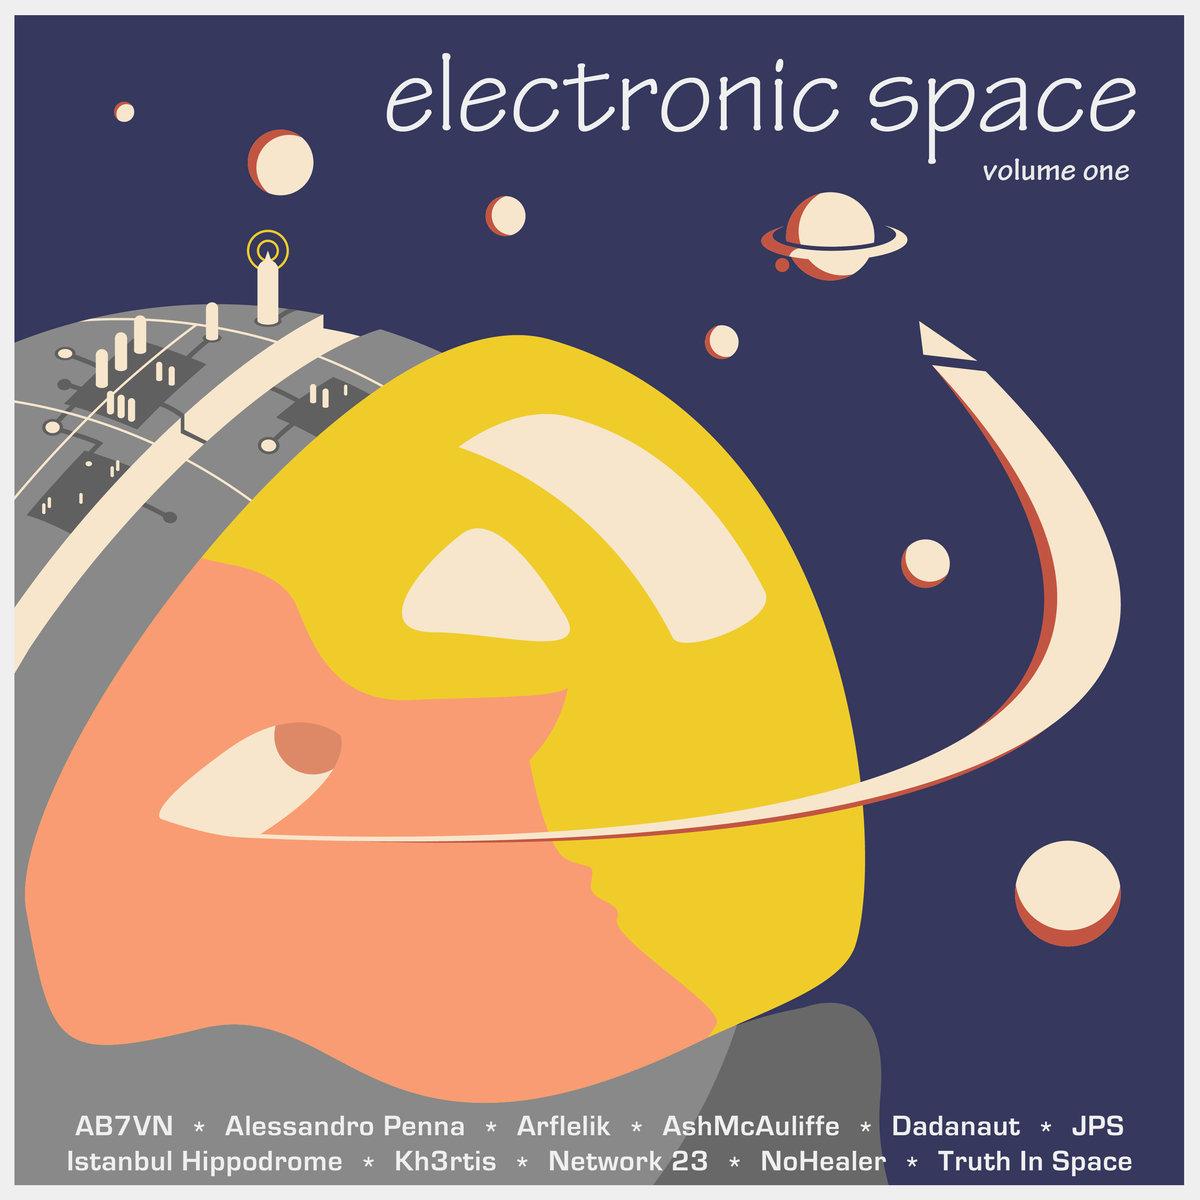 Das Arbeiterheer ist auf dem Electronic Space Sampler gelandet – Dadanaut